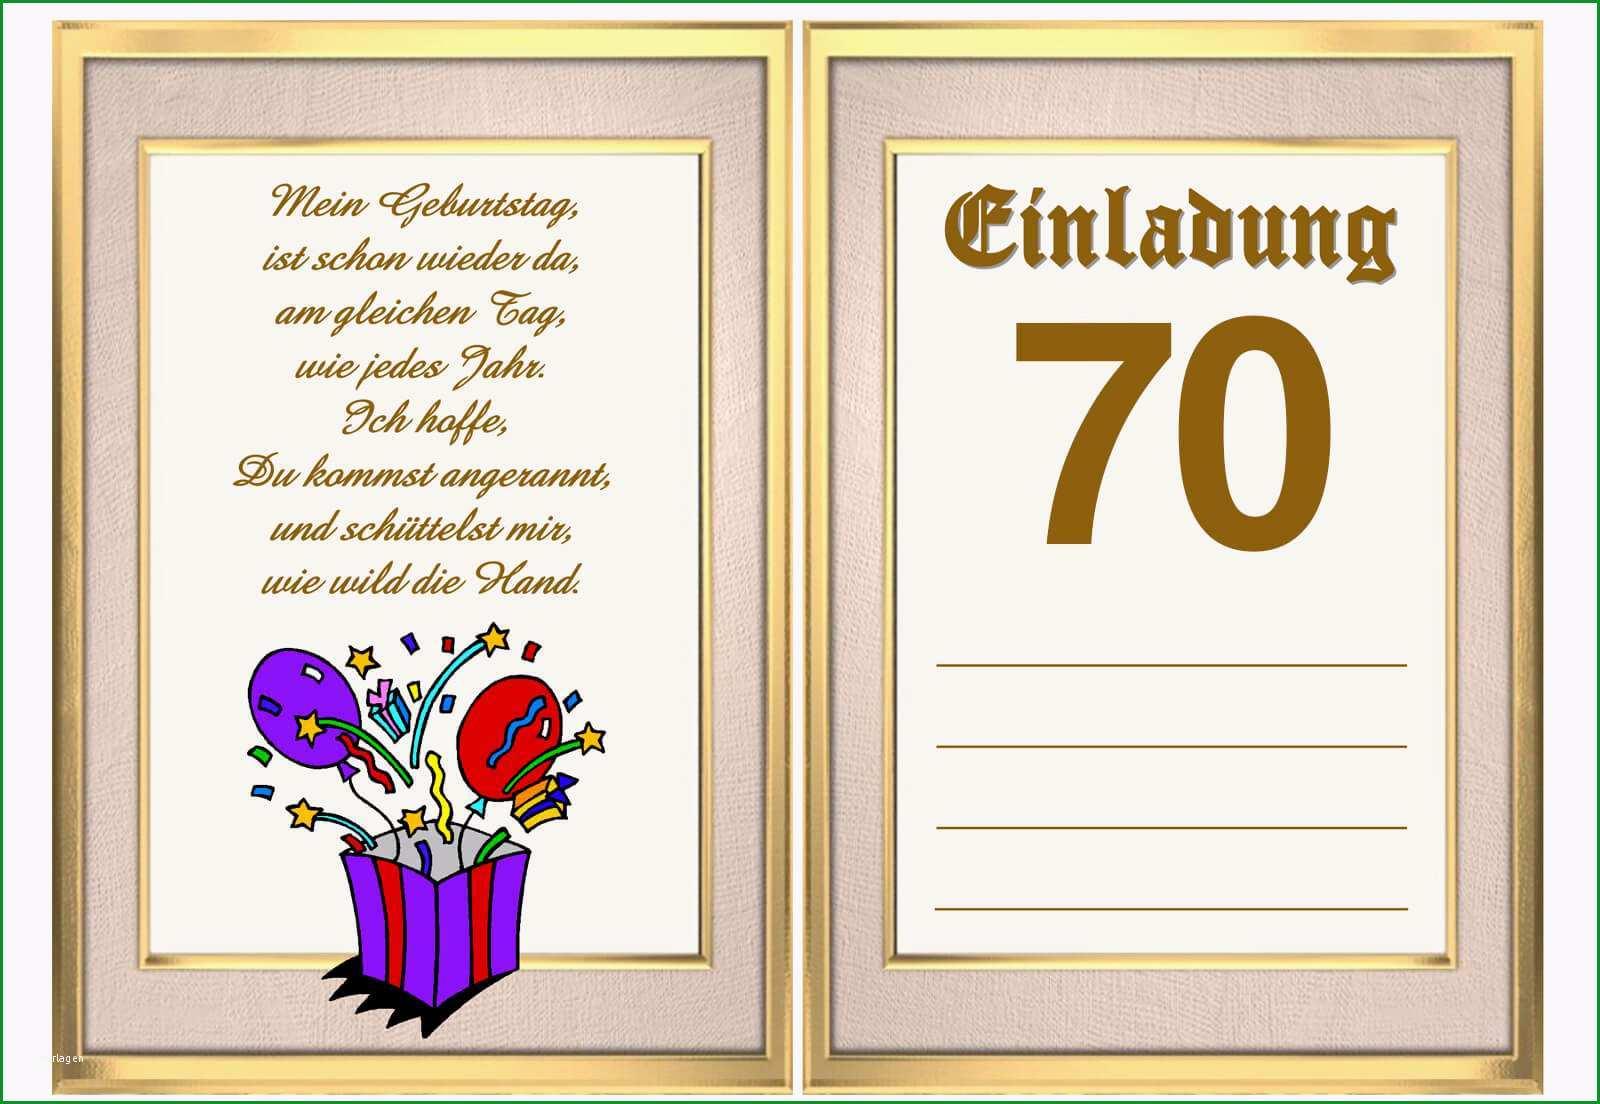 einladung zum 70 geburtstag vorlage kostenlos